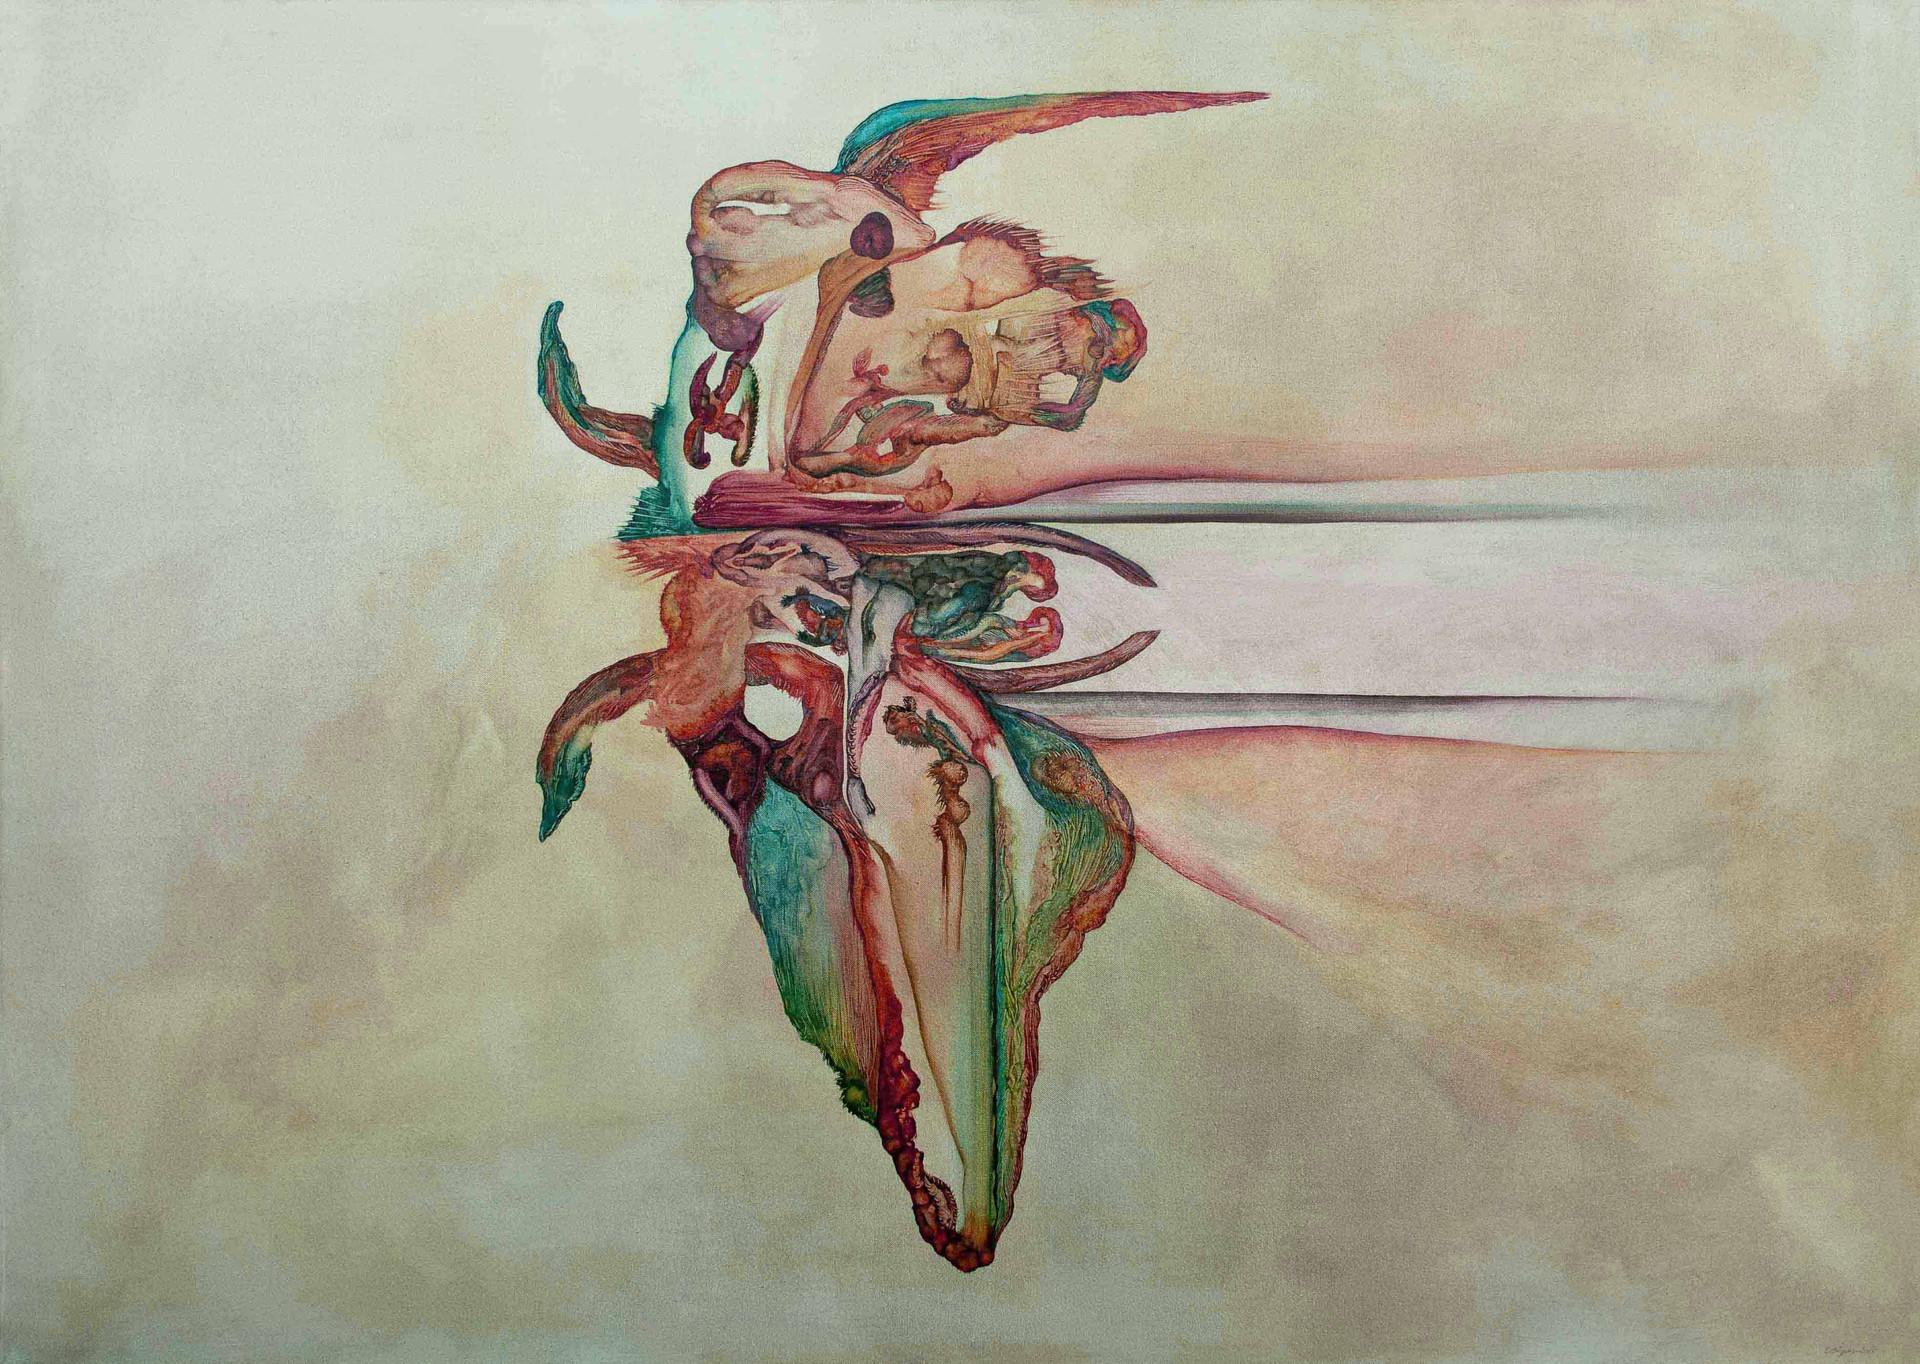 Genius Loci 2015 140cmx100cm. Oil on canvas